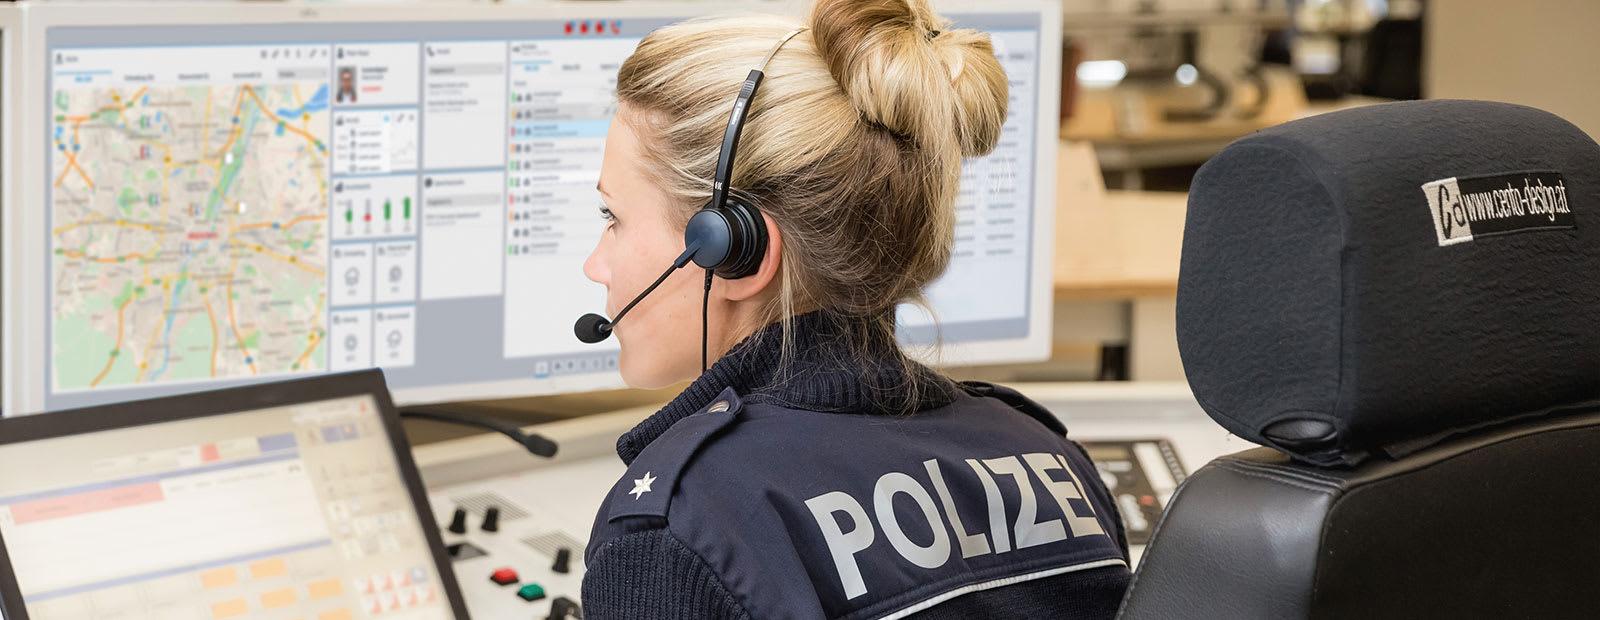 eurofunk Einsatzkräfte Polizei